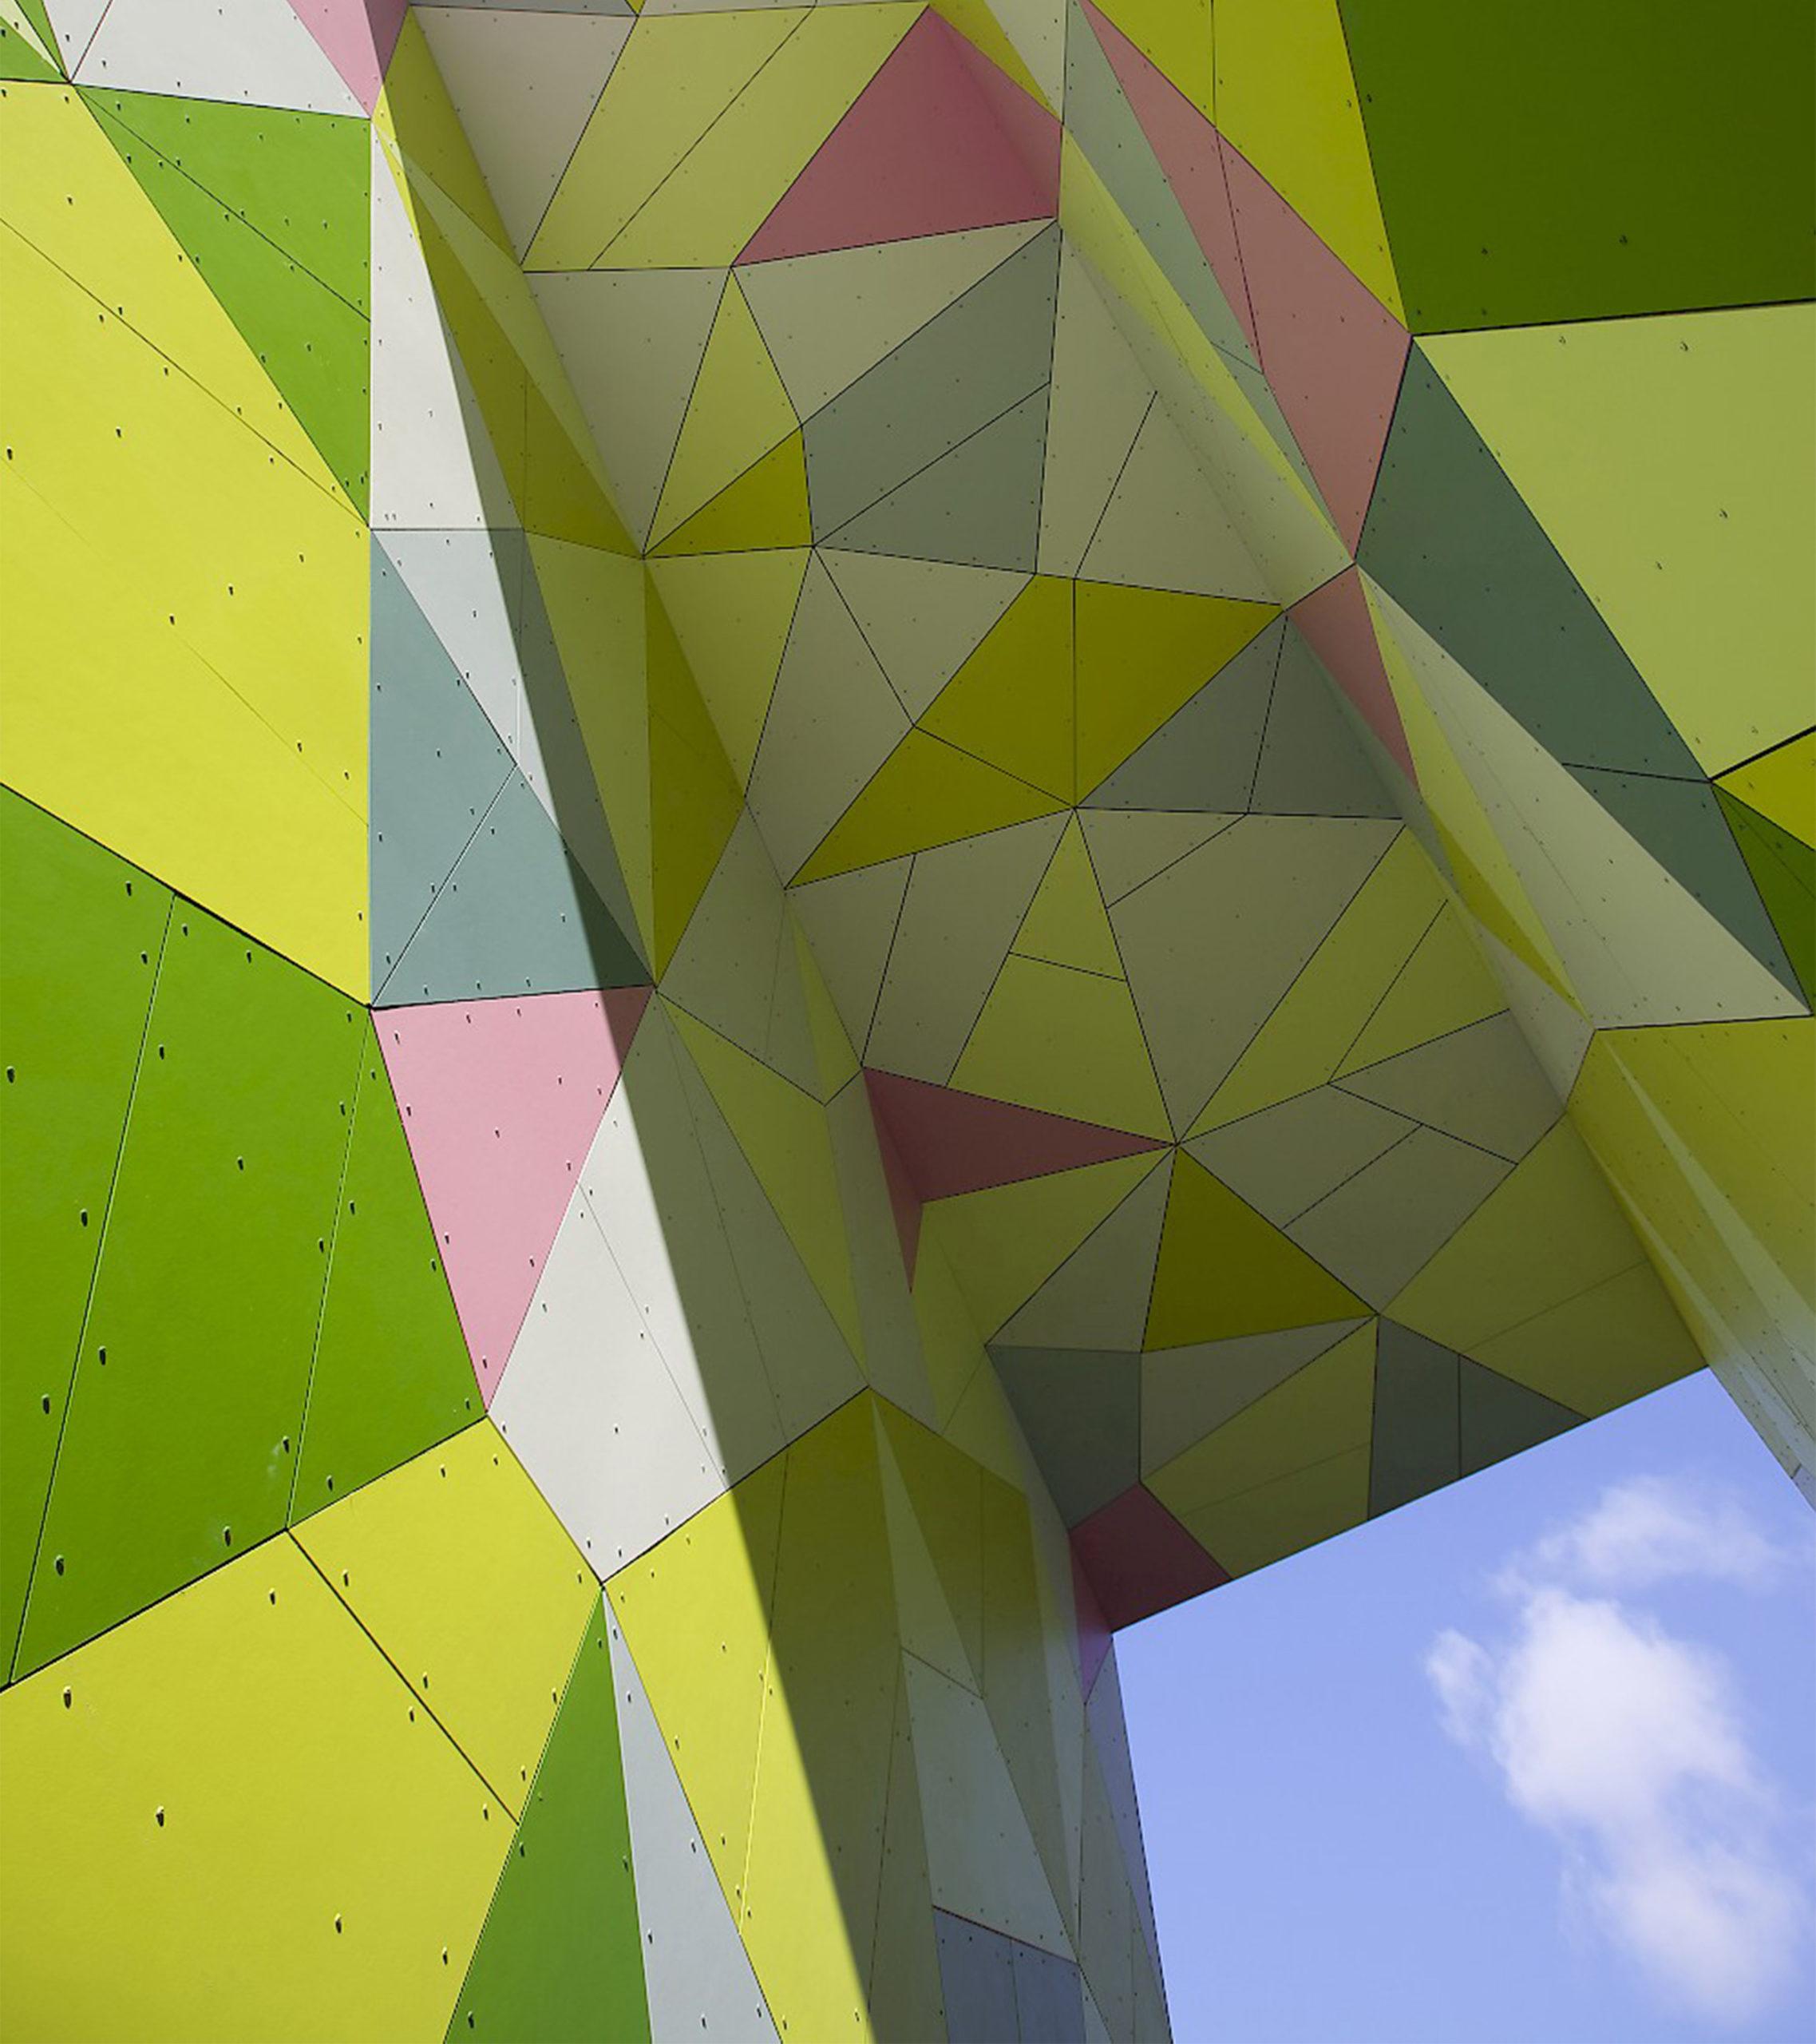 Kide-taideteos porttikäytävässä on saanut innoituksensa värikkäästä metsästä